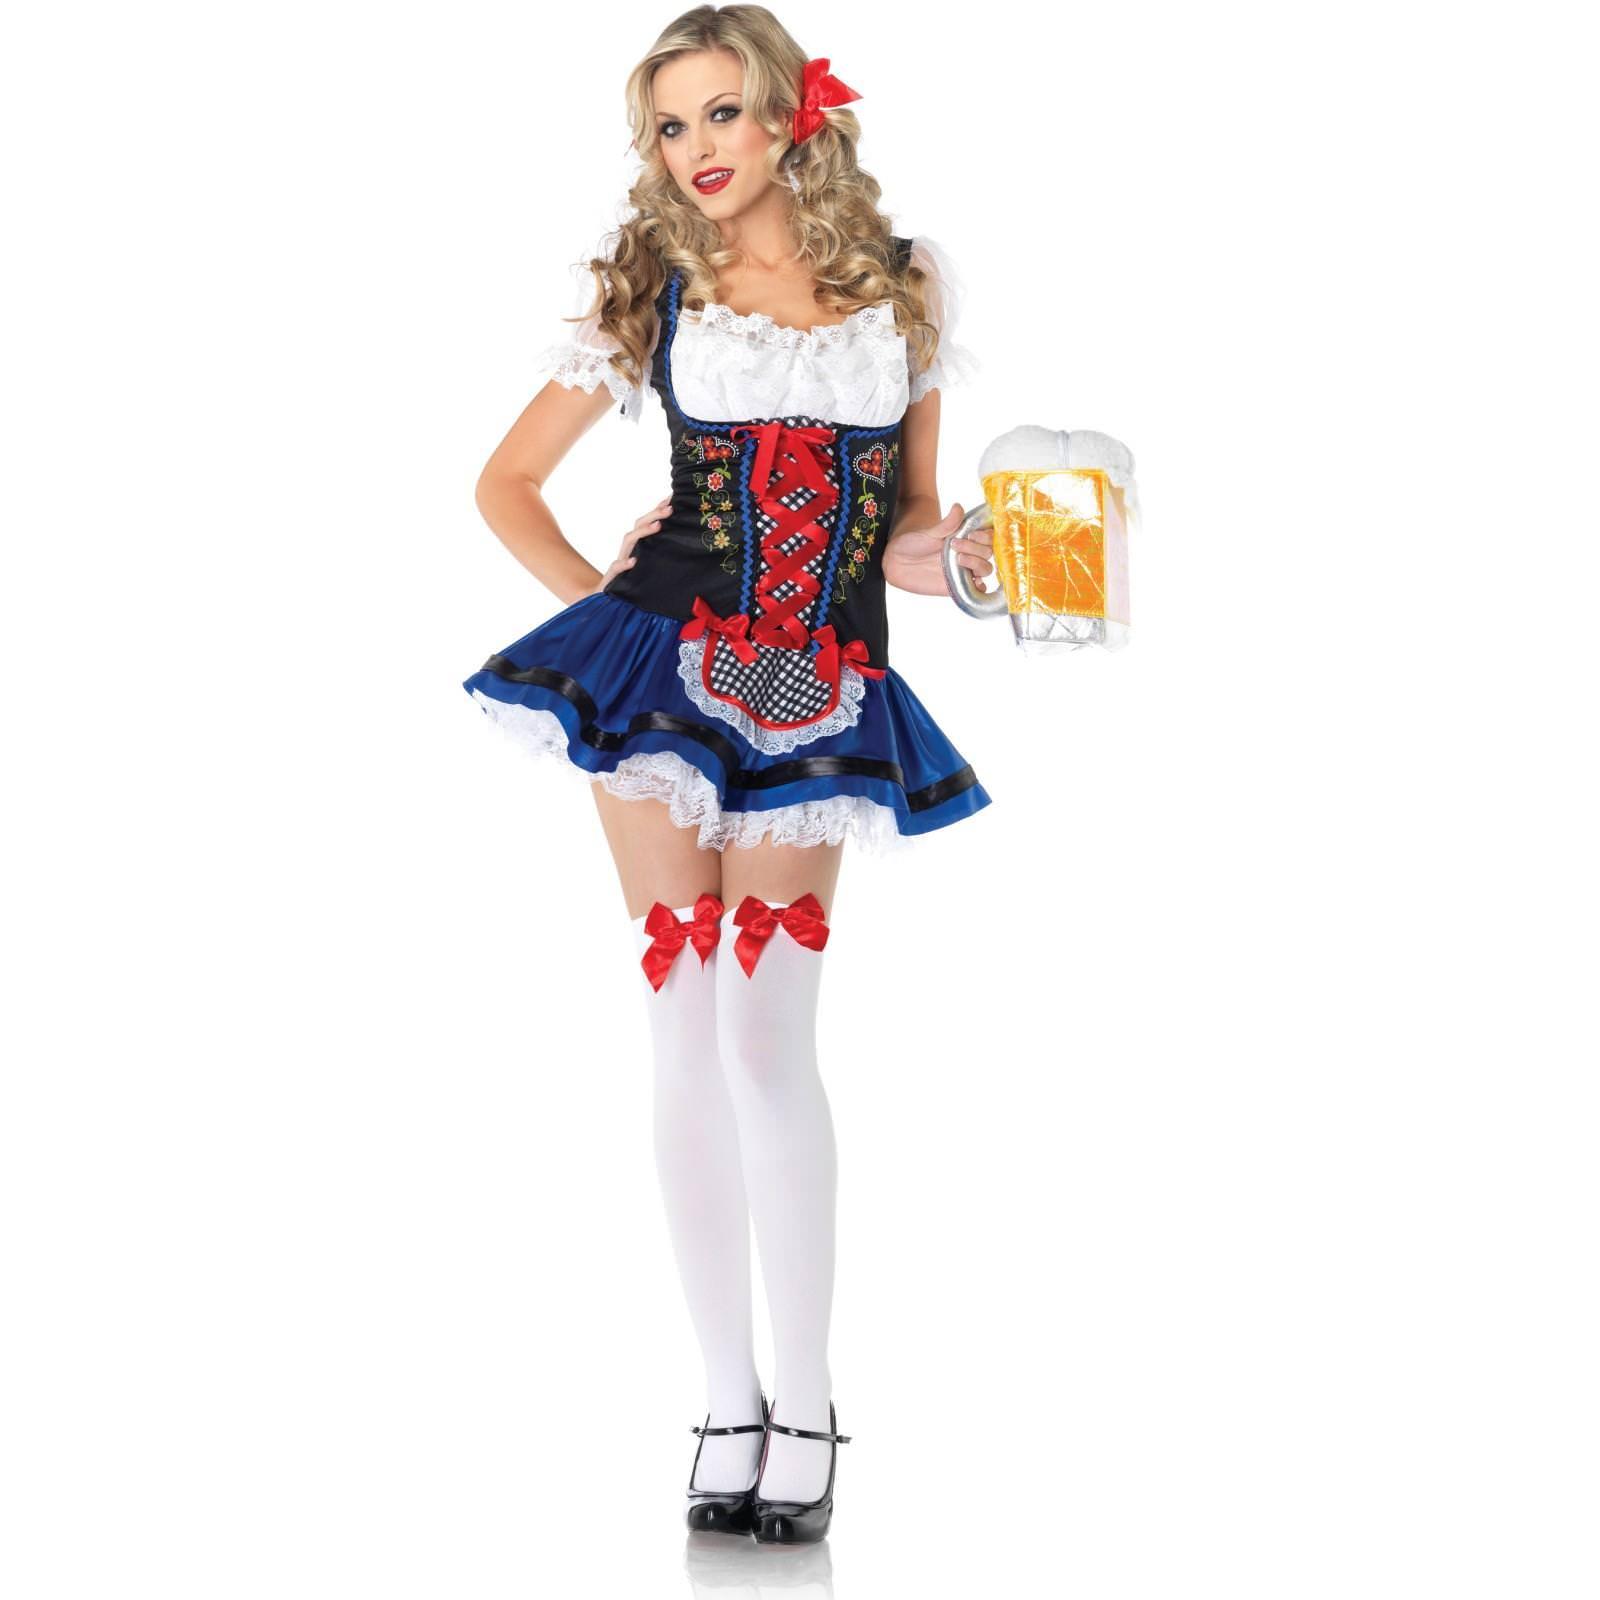 セクシーな民族衣裳の外国人美女 10